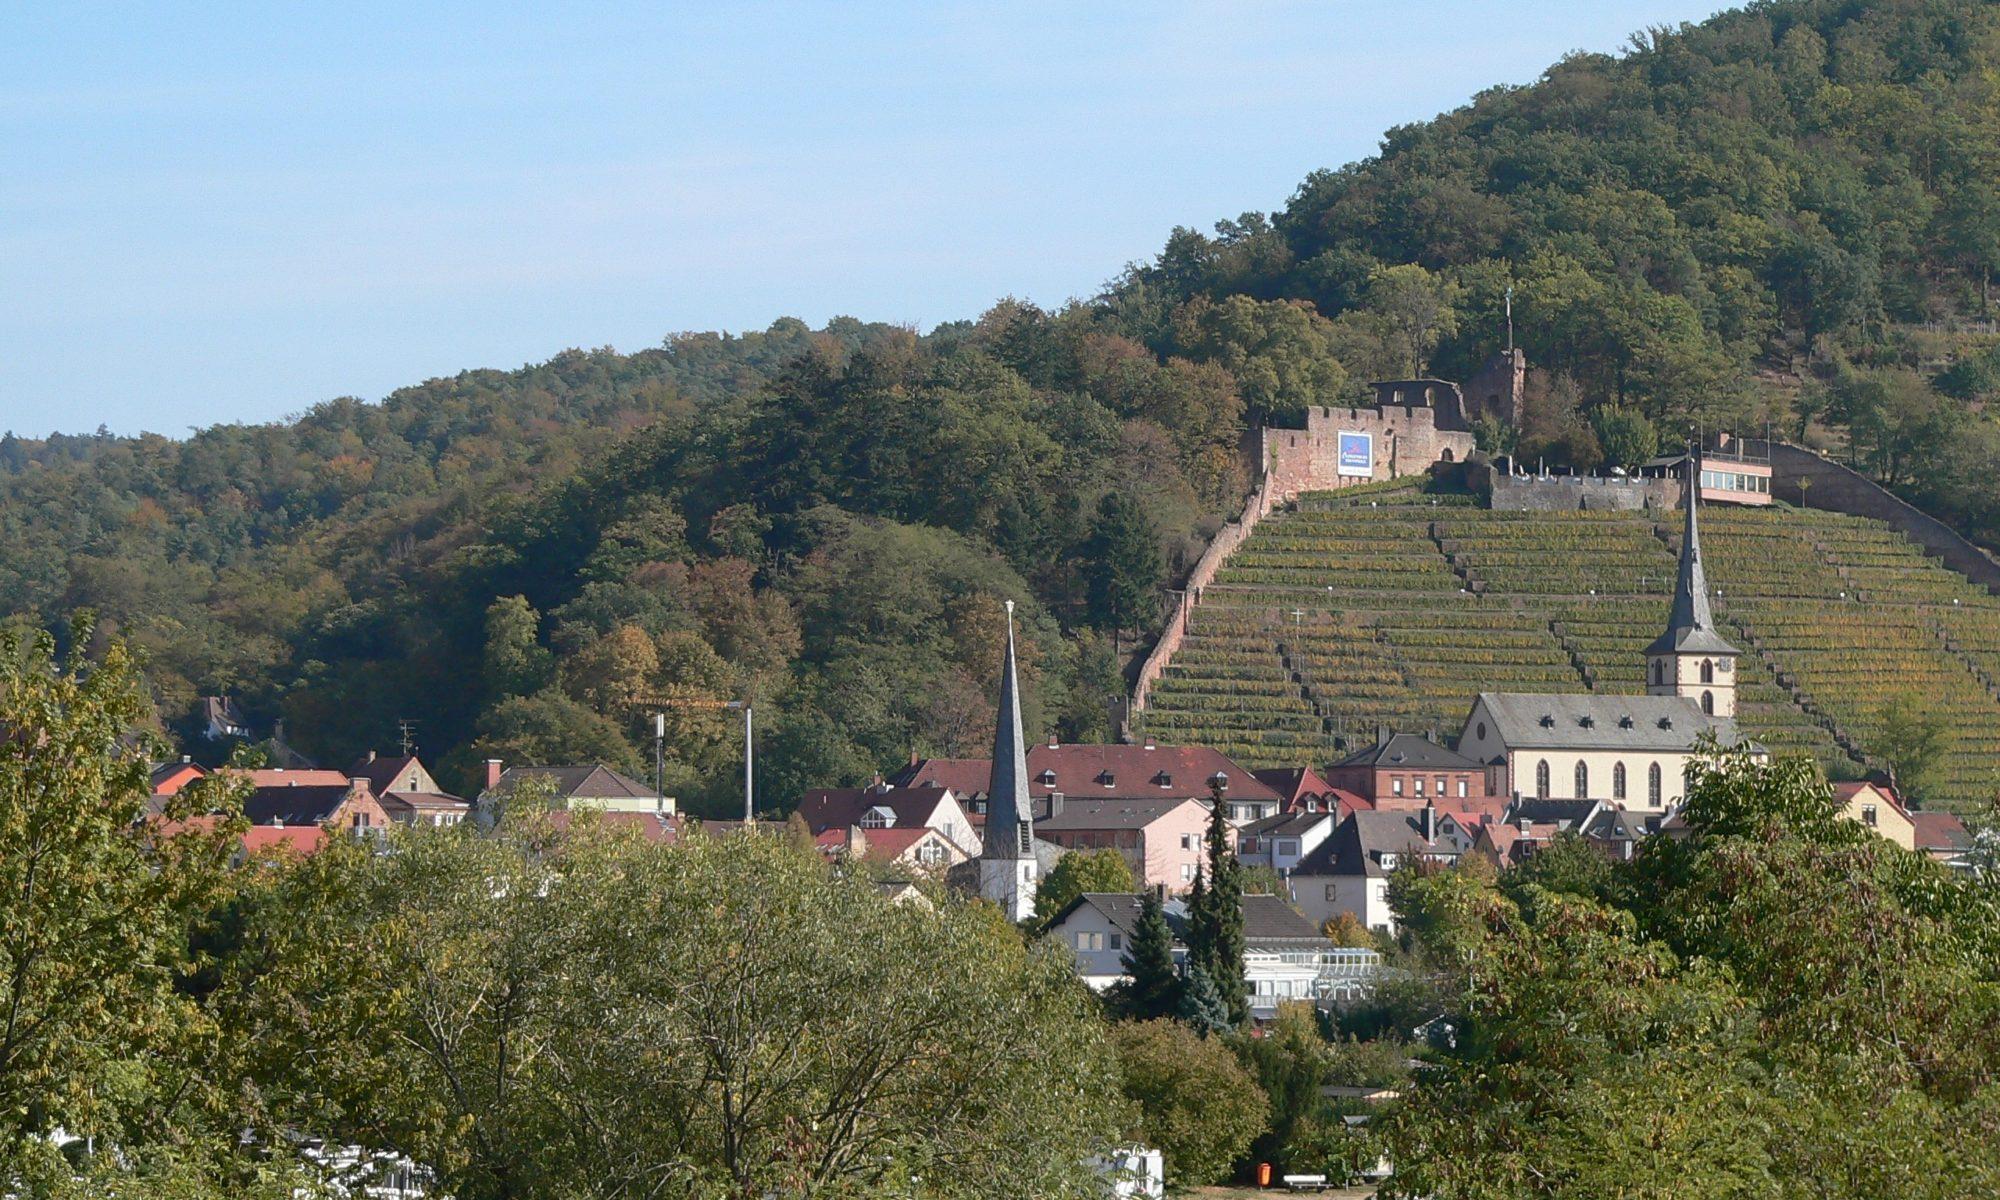 Klingenberg mit der Clingenburg. | Foto: B. Schneider